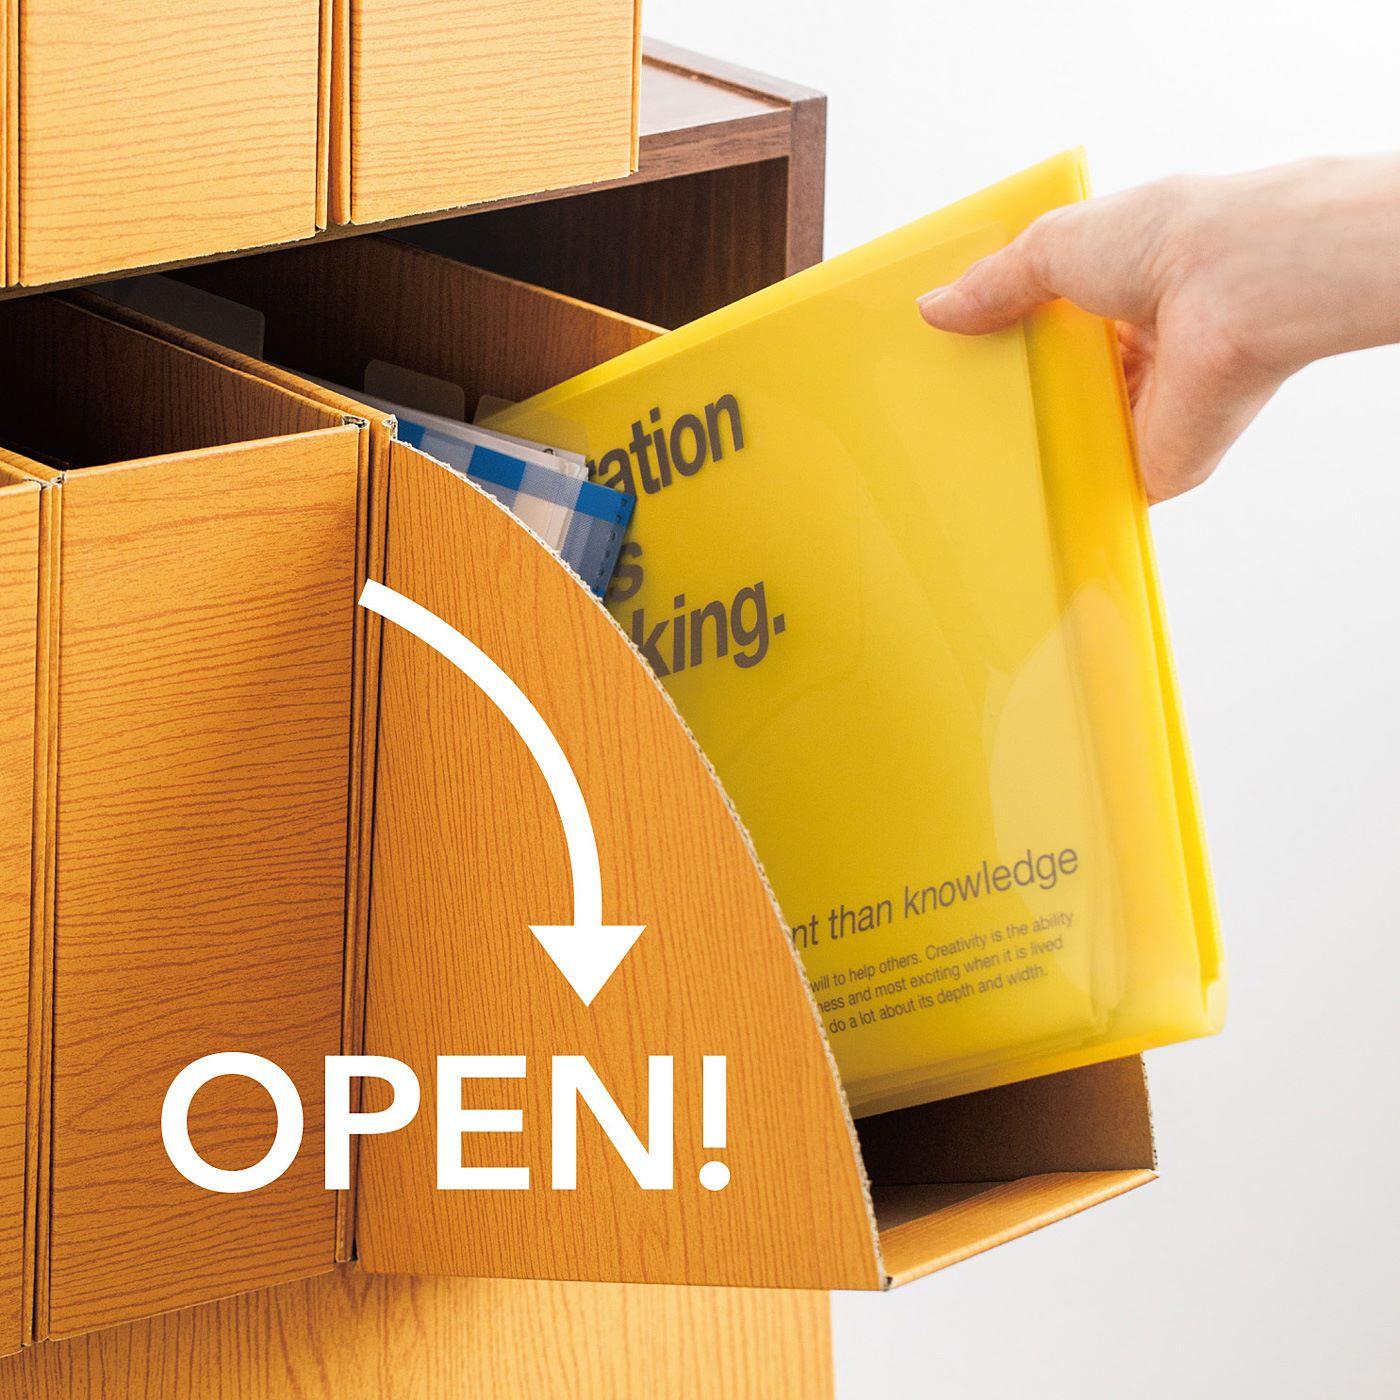 前面が開くから、ボックスを棚から取り出すことなく中のものを取り出せます。